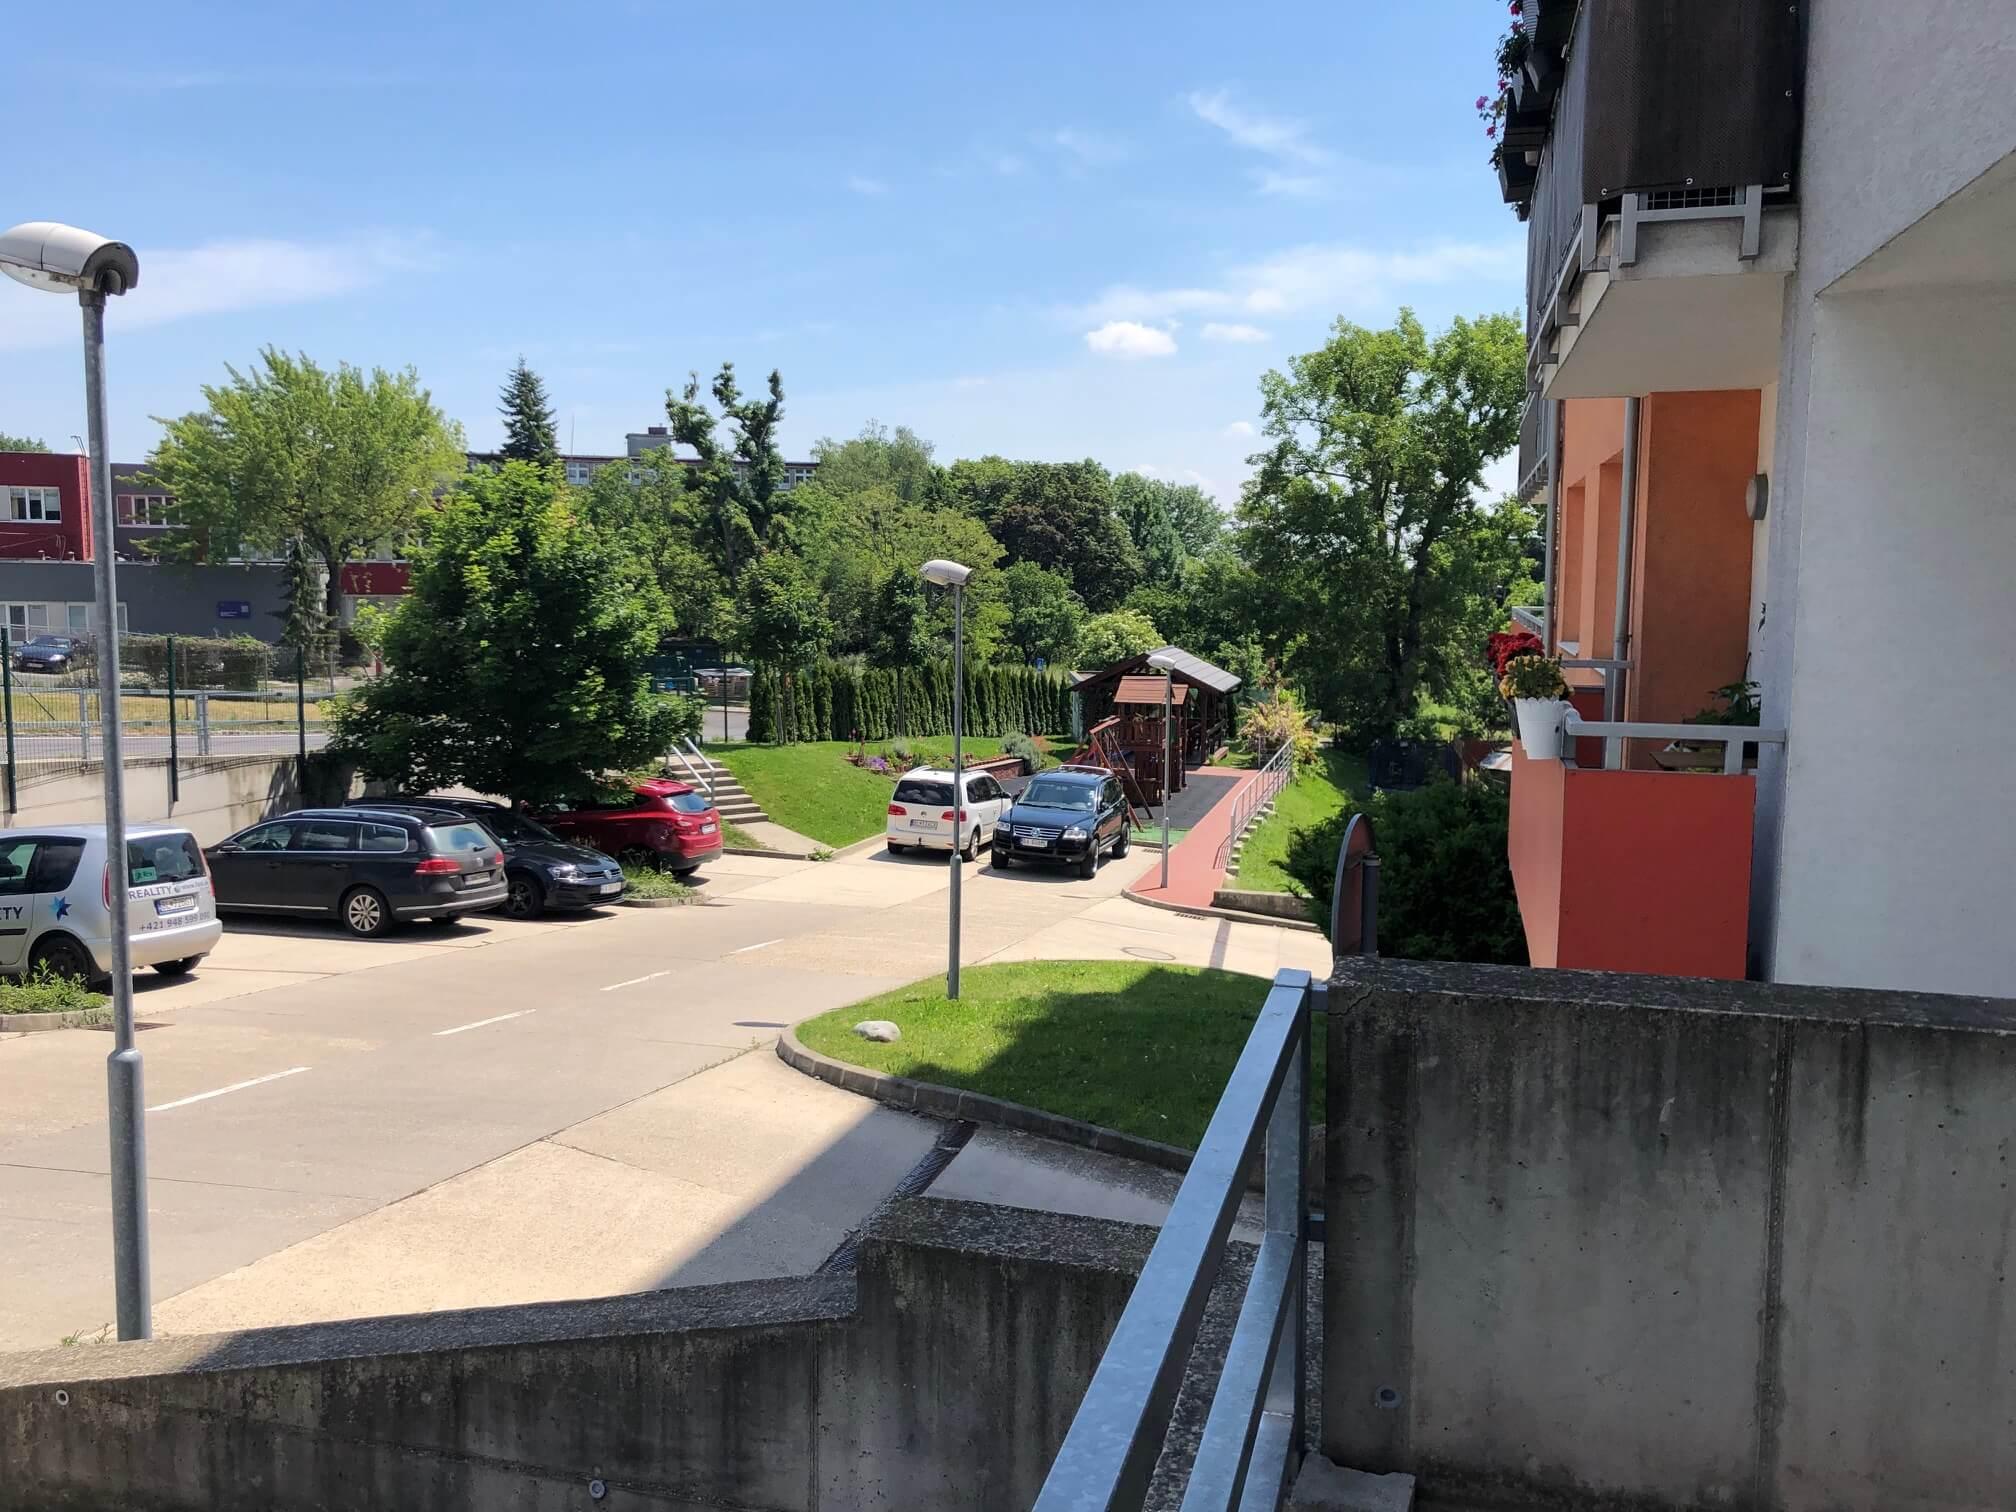 Predané: 3 izbový byt, novostavba, 72,25m2, loggia 4,82m2, Staré Grunty, Karlovka, garážové státie-73